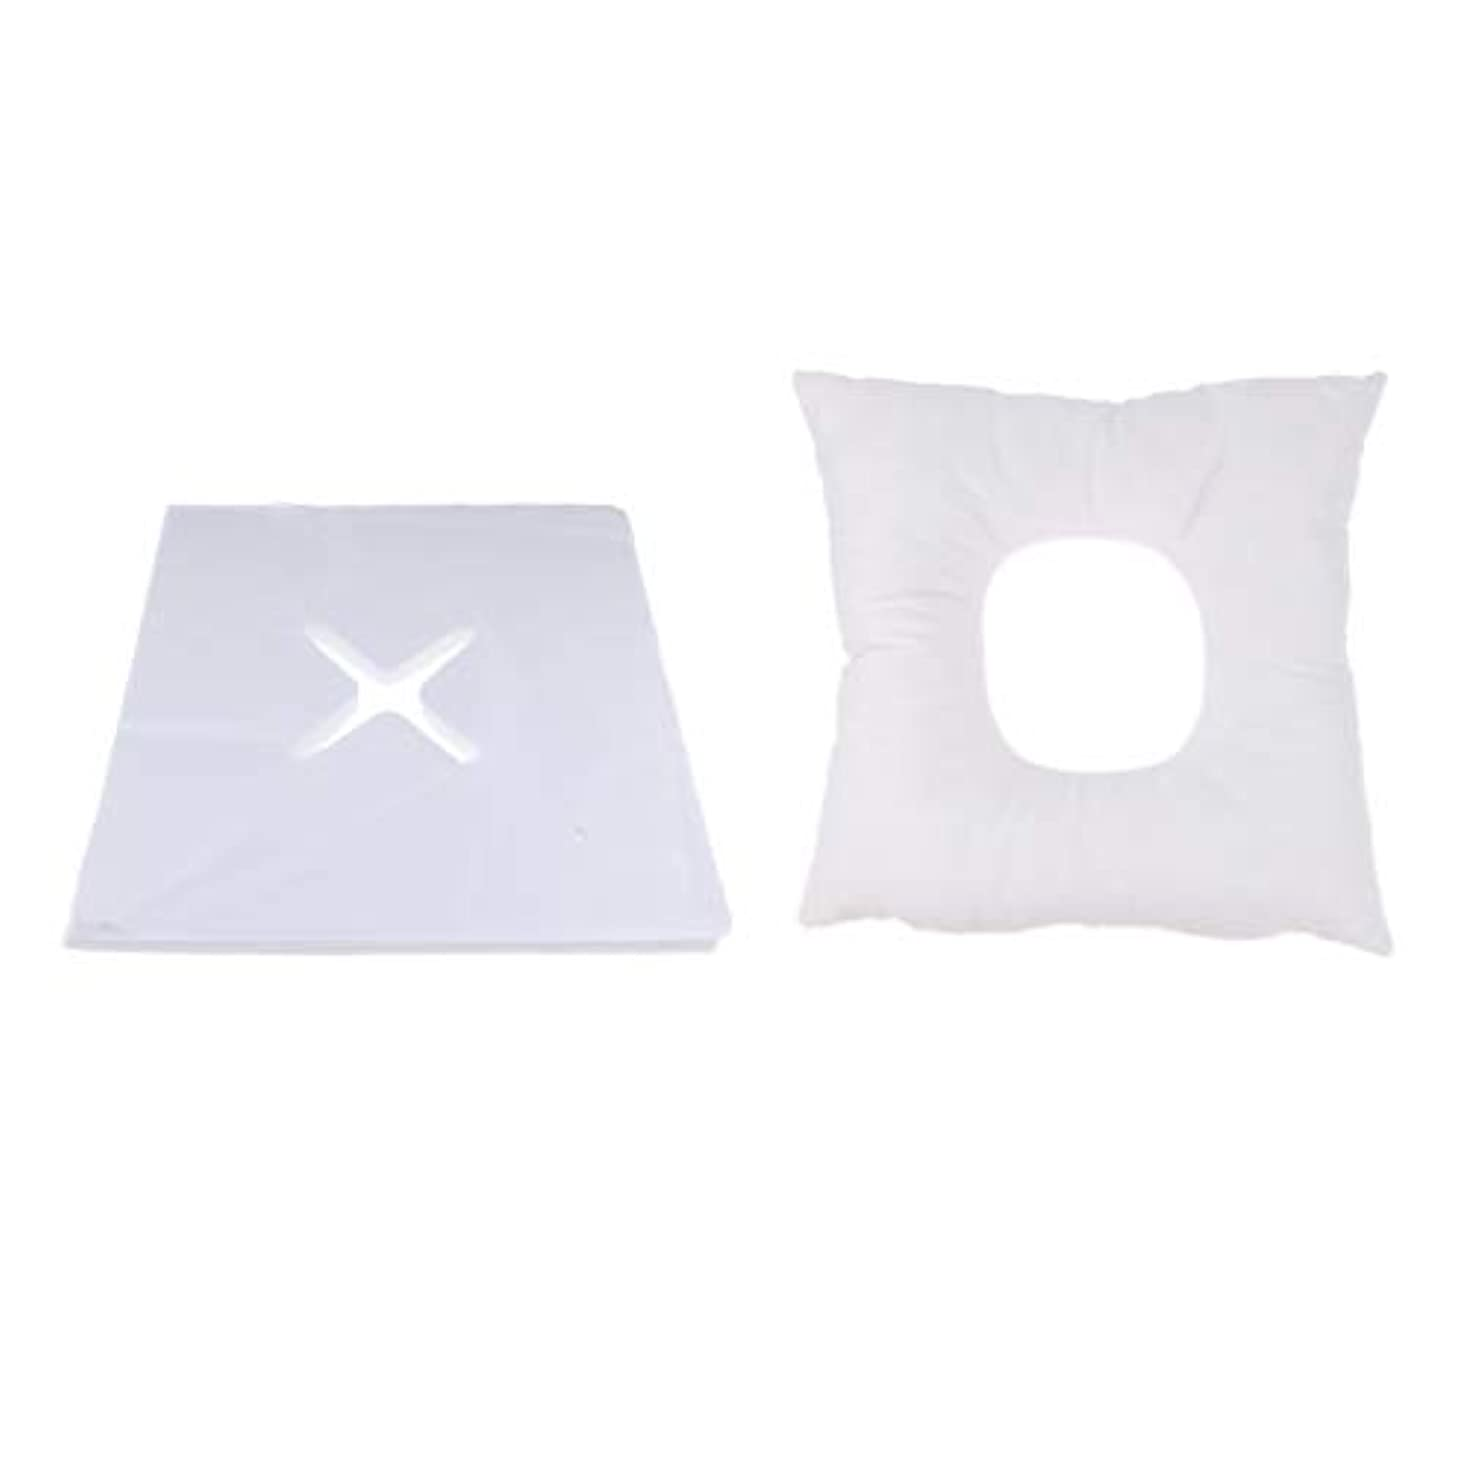 代わりの成果シリングマッサージ枕 顔枕 フェイスマット フェイスピロー 200個使い捨てカバー付 マッサージテーブル用 快適